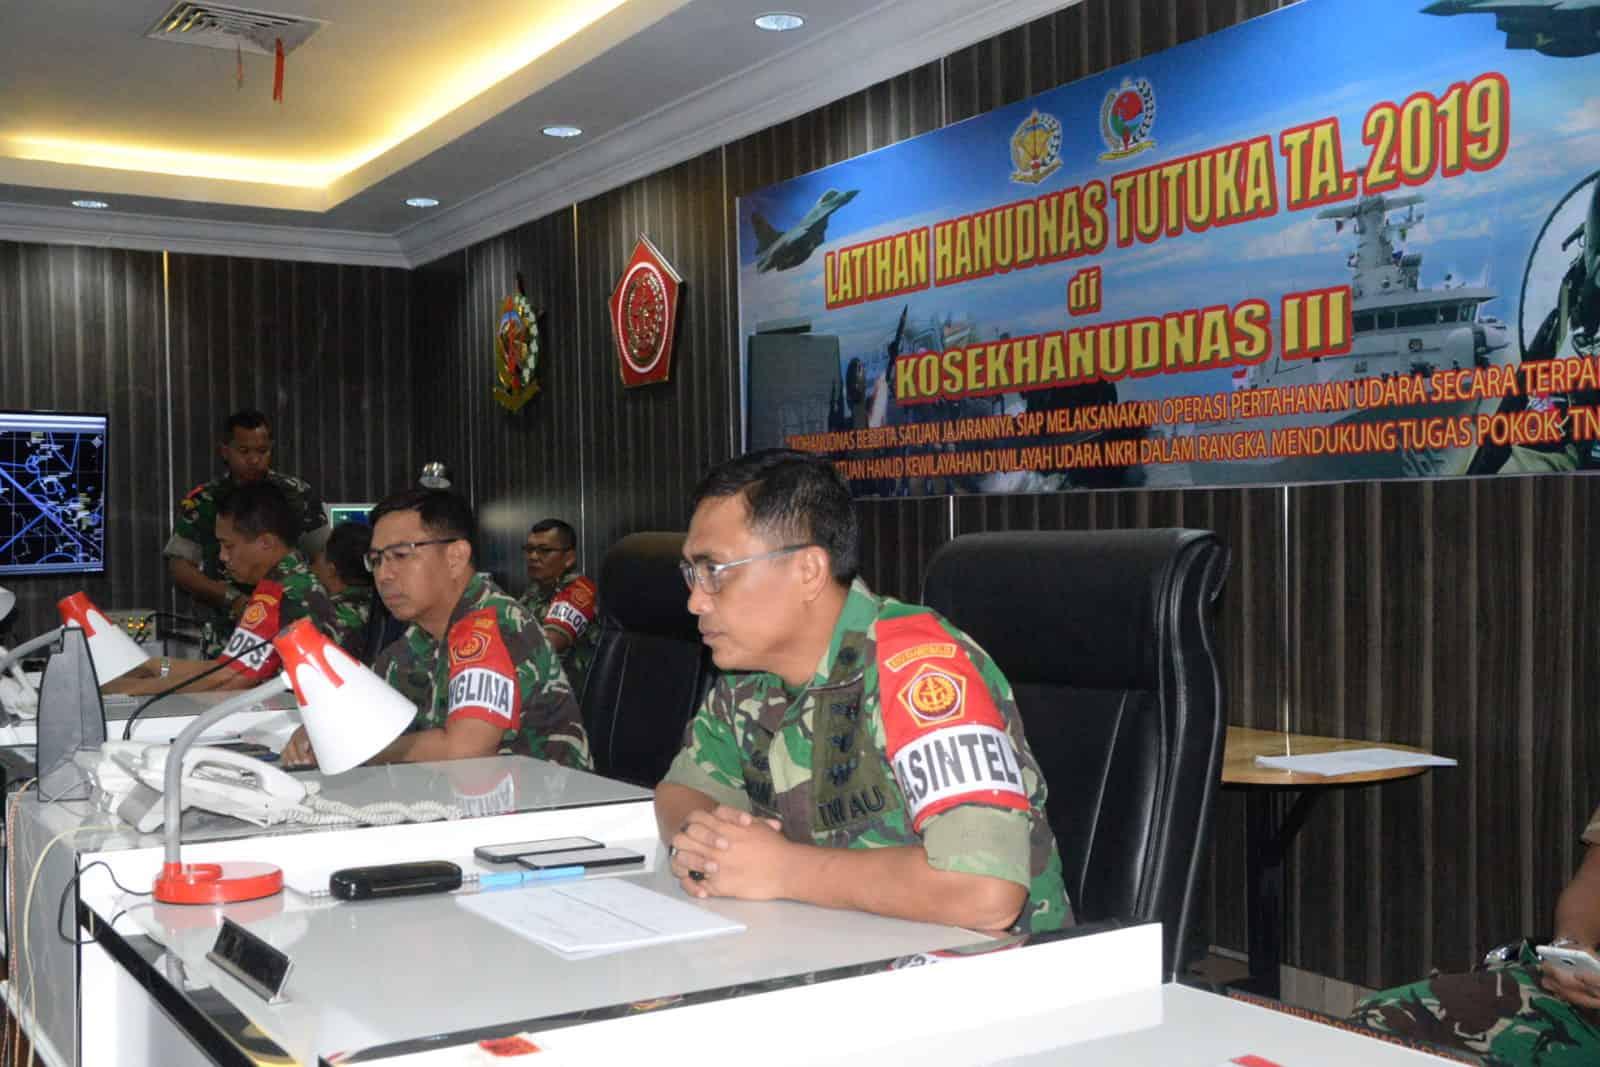 Kosekhanudnas III Melaksanakan Latihan Hanudnas Tutuka TA. 2019